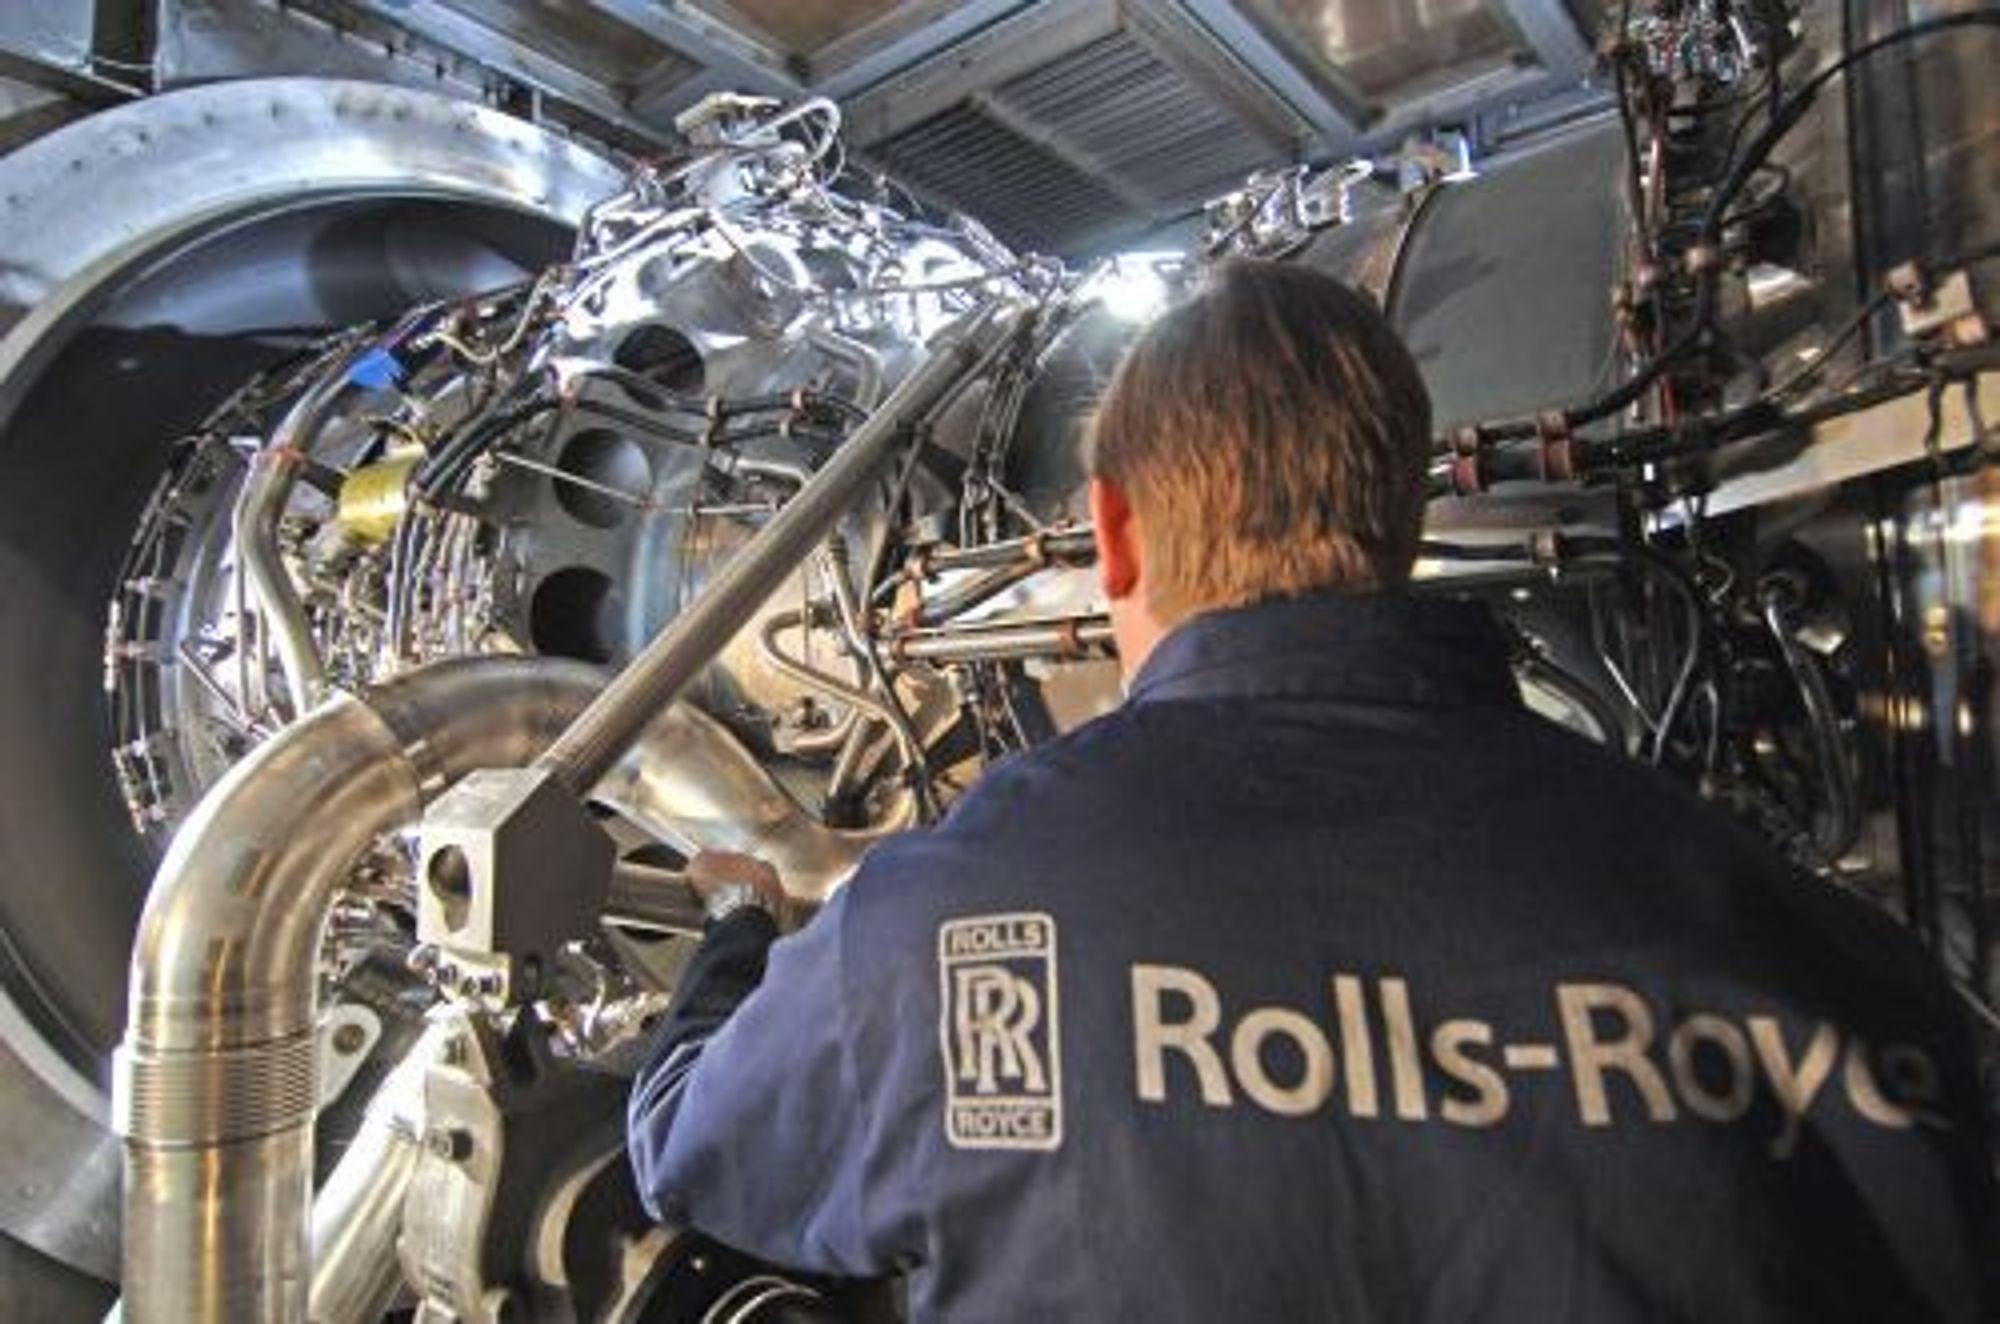 Rolls-Royce designer ro-ro-skip som skal gå på naturgass. Dermed reduseres utslippene betraktelig.